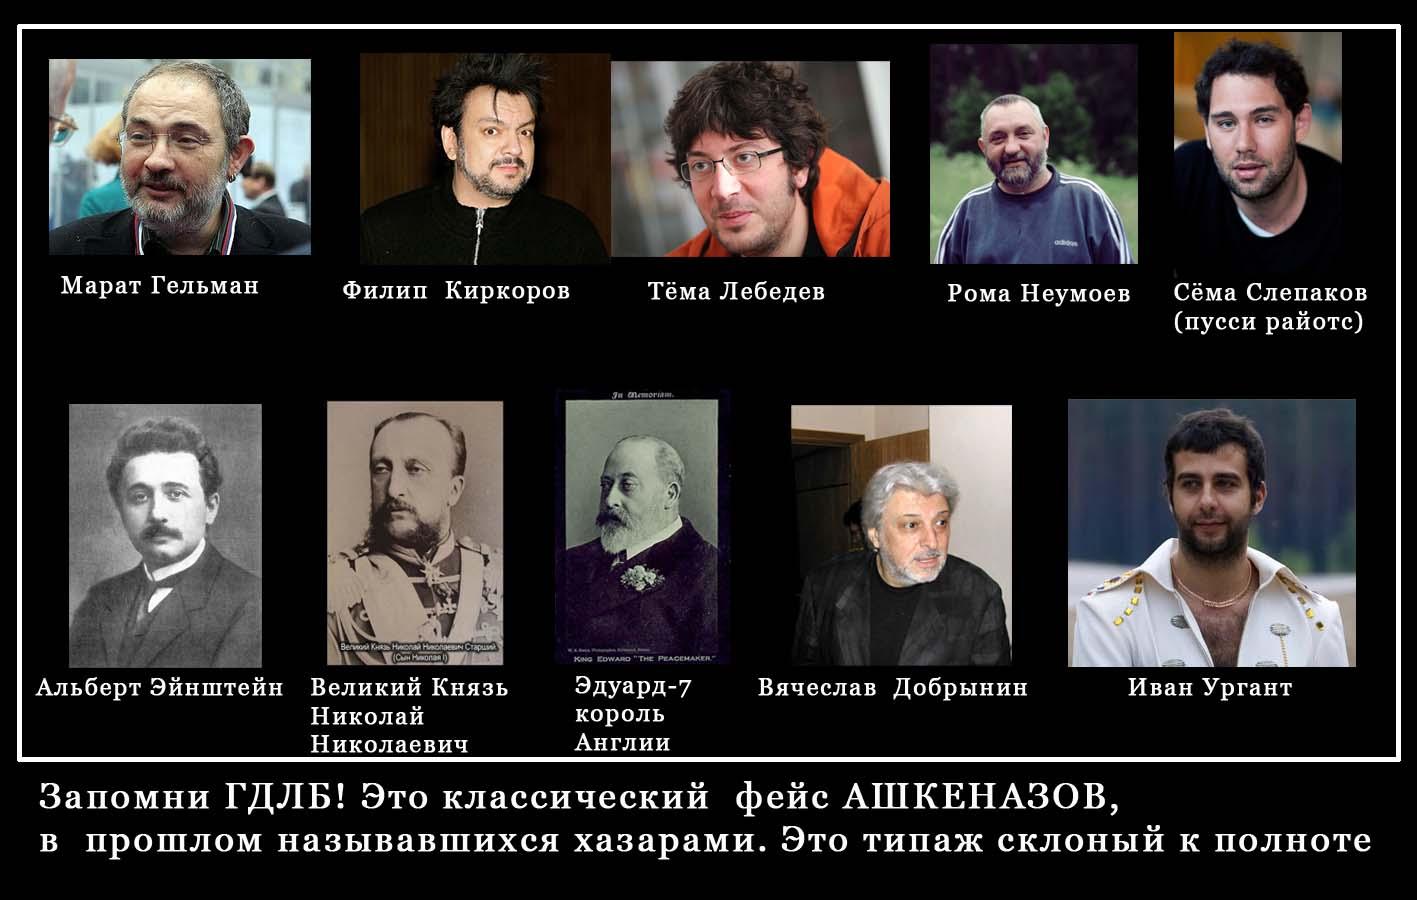 http://zarubezhom.com/Images3/AshkenazyPolnye.jpg